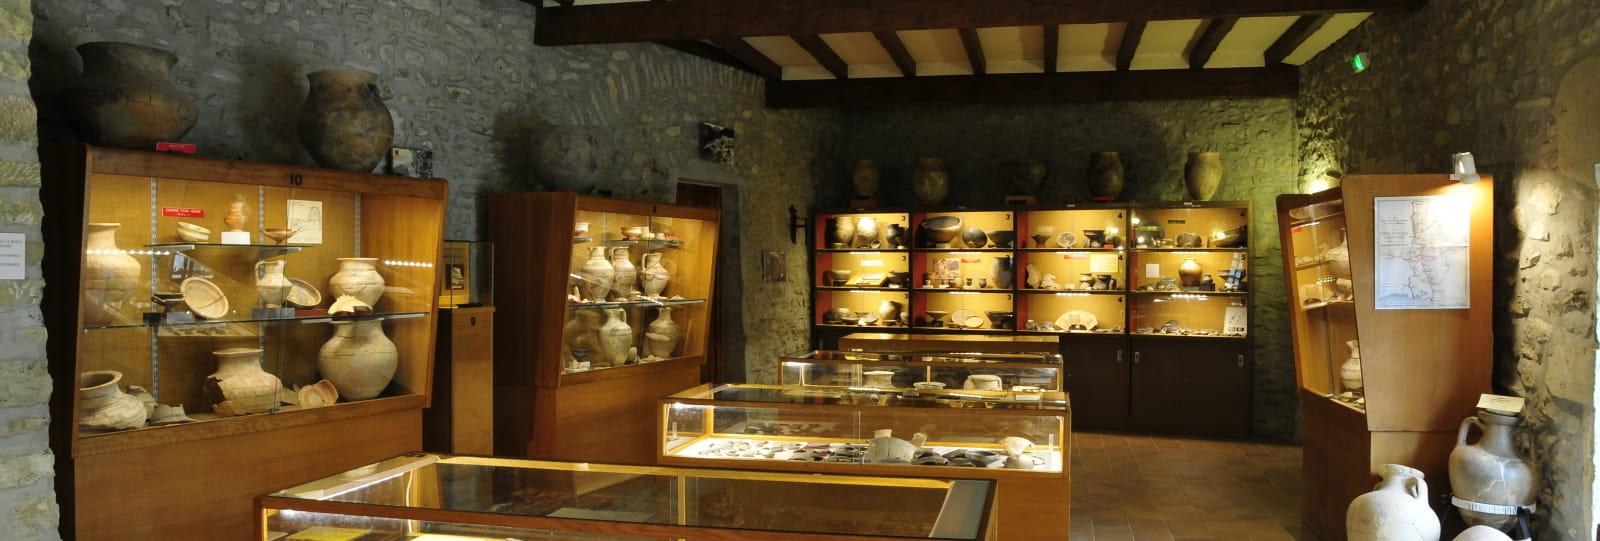 Salle d'exposition - Musée archéologique - Le Pègue